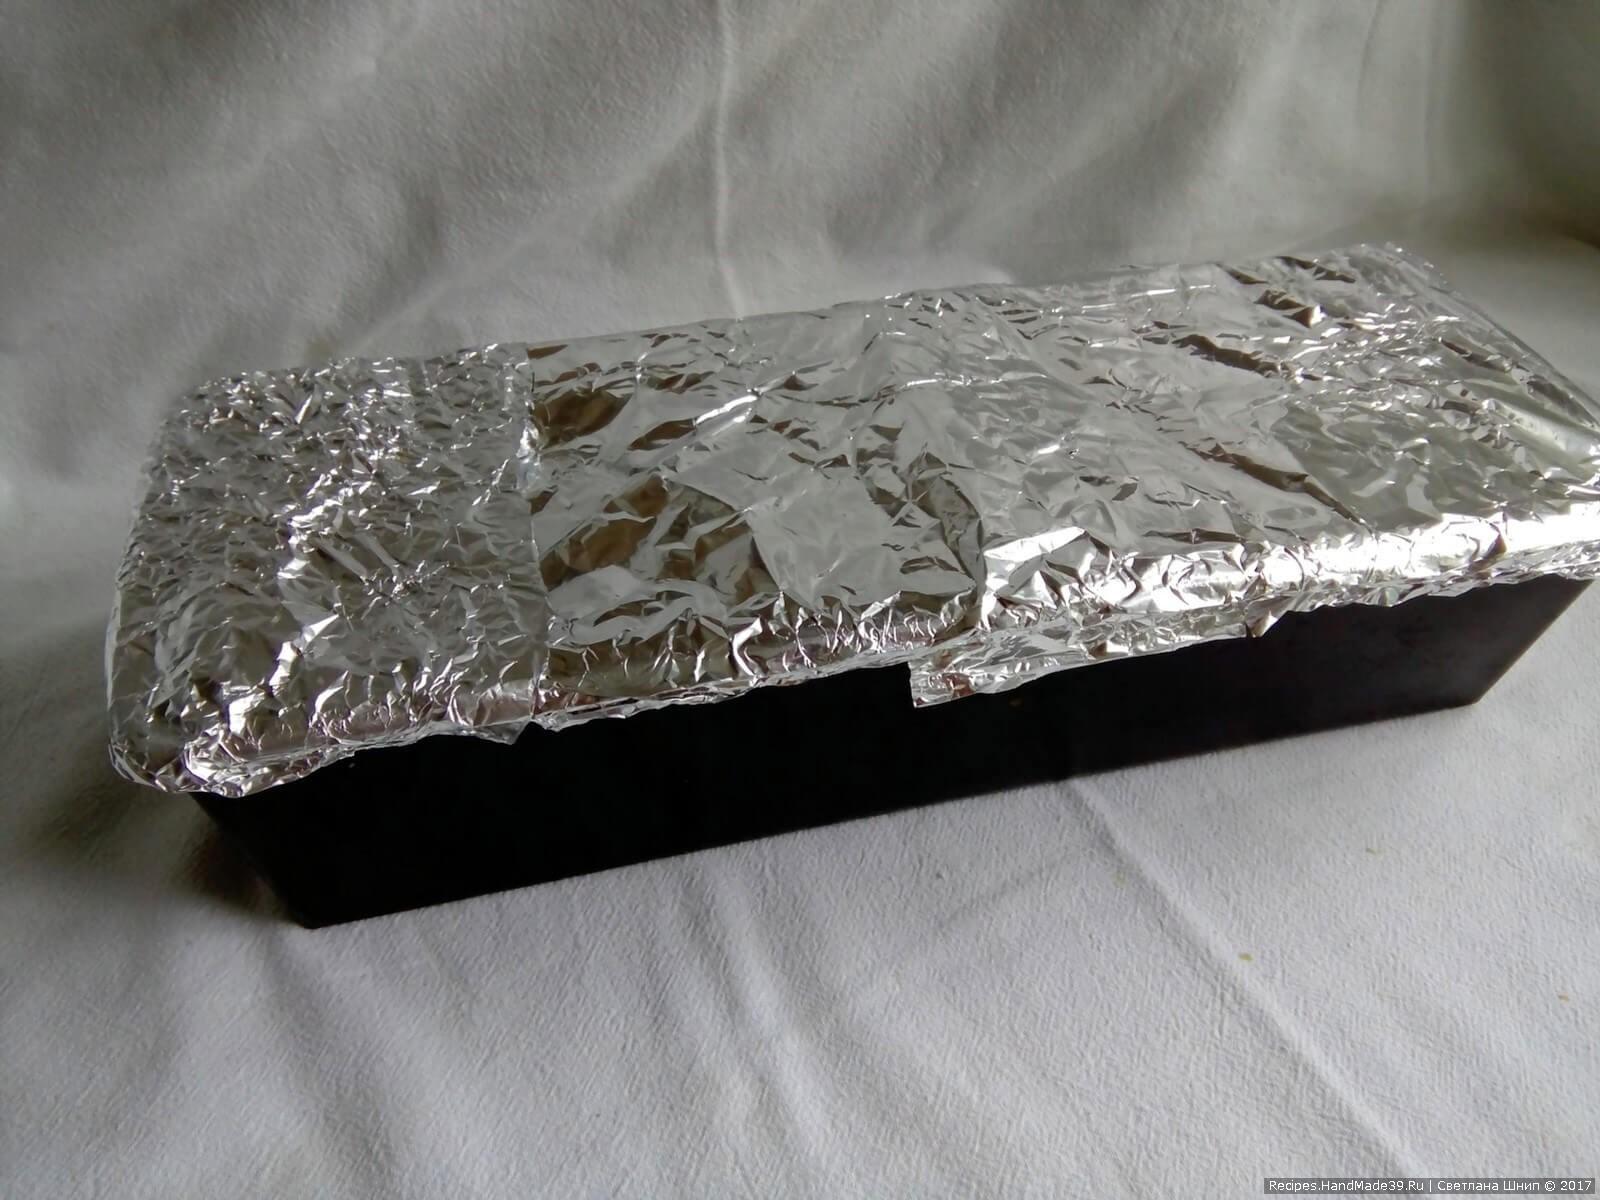 Закрыть форму фольгой и поставить на 20 минут в духовку, разогретую до 180 °C